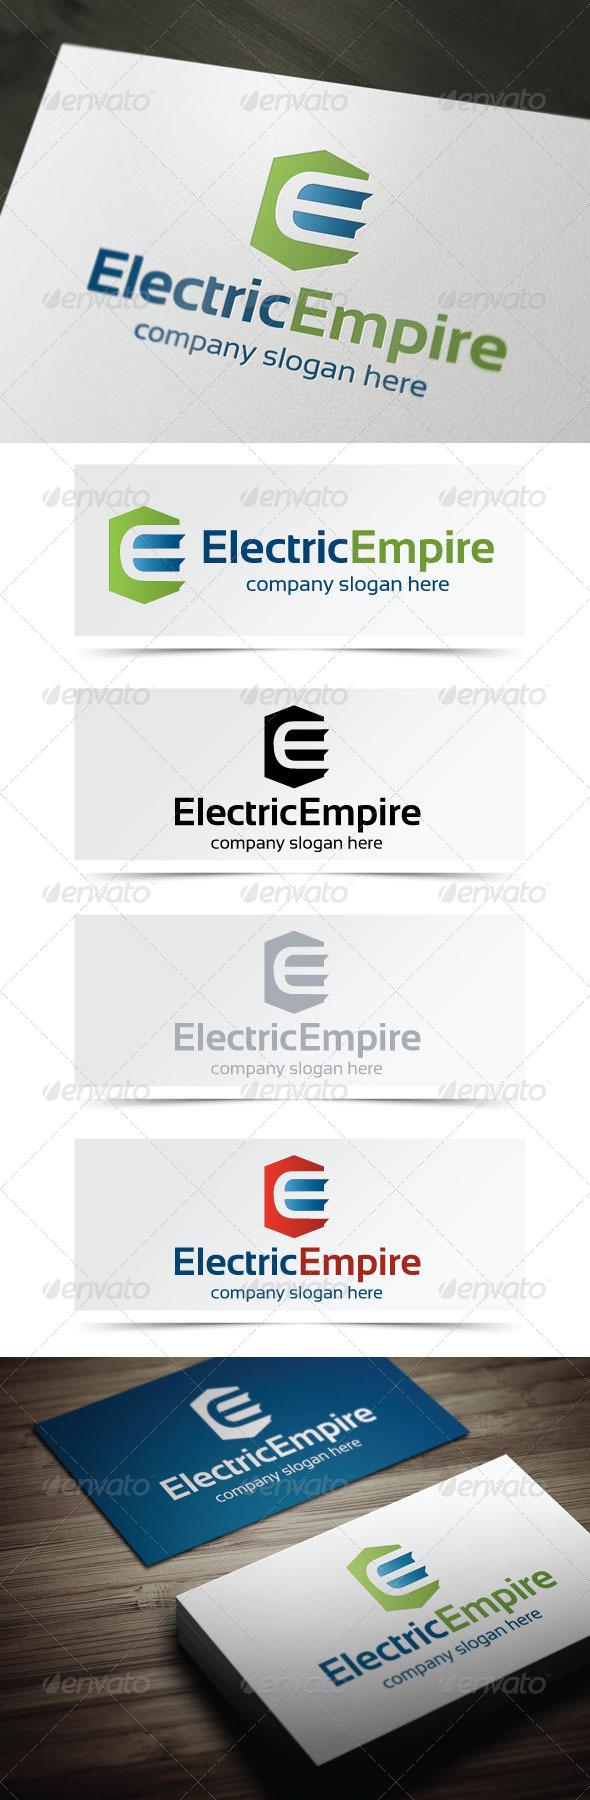 GraphicRiver Electric Empire 4640591